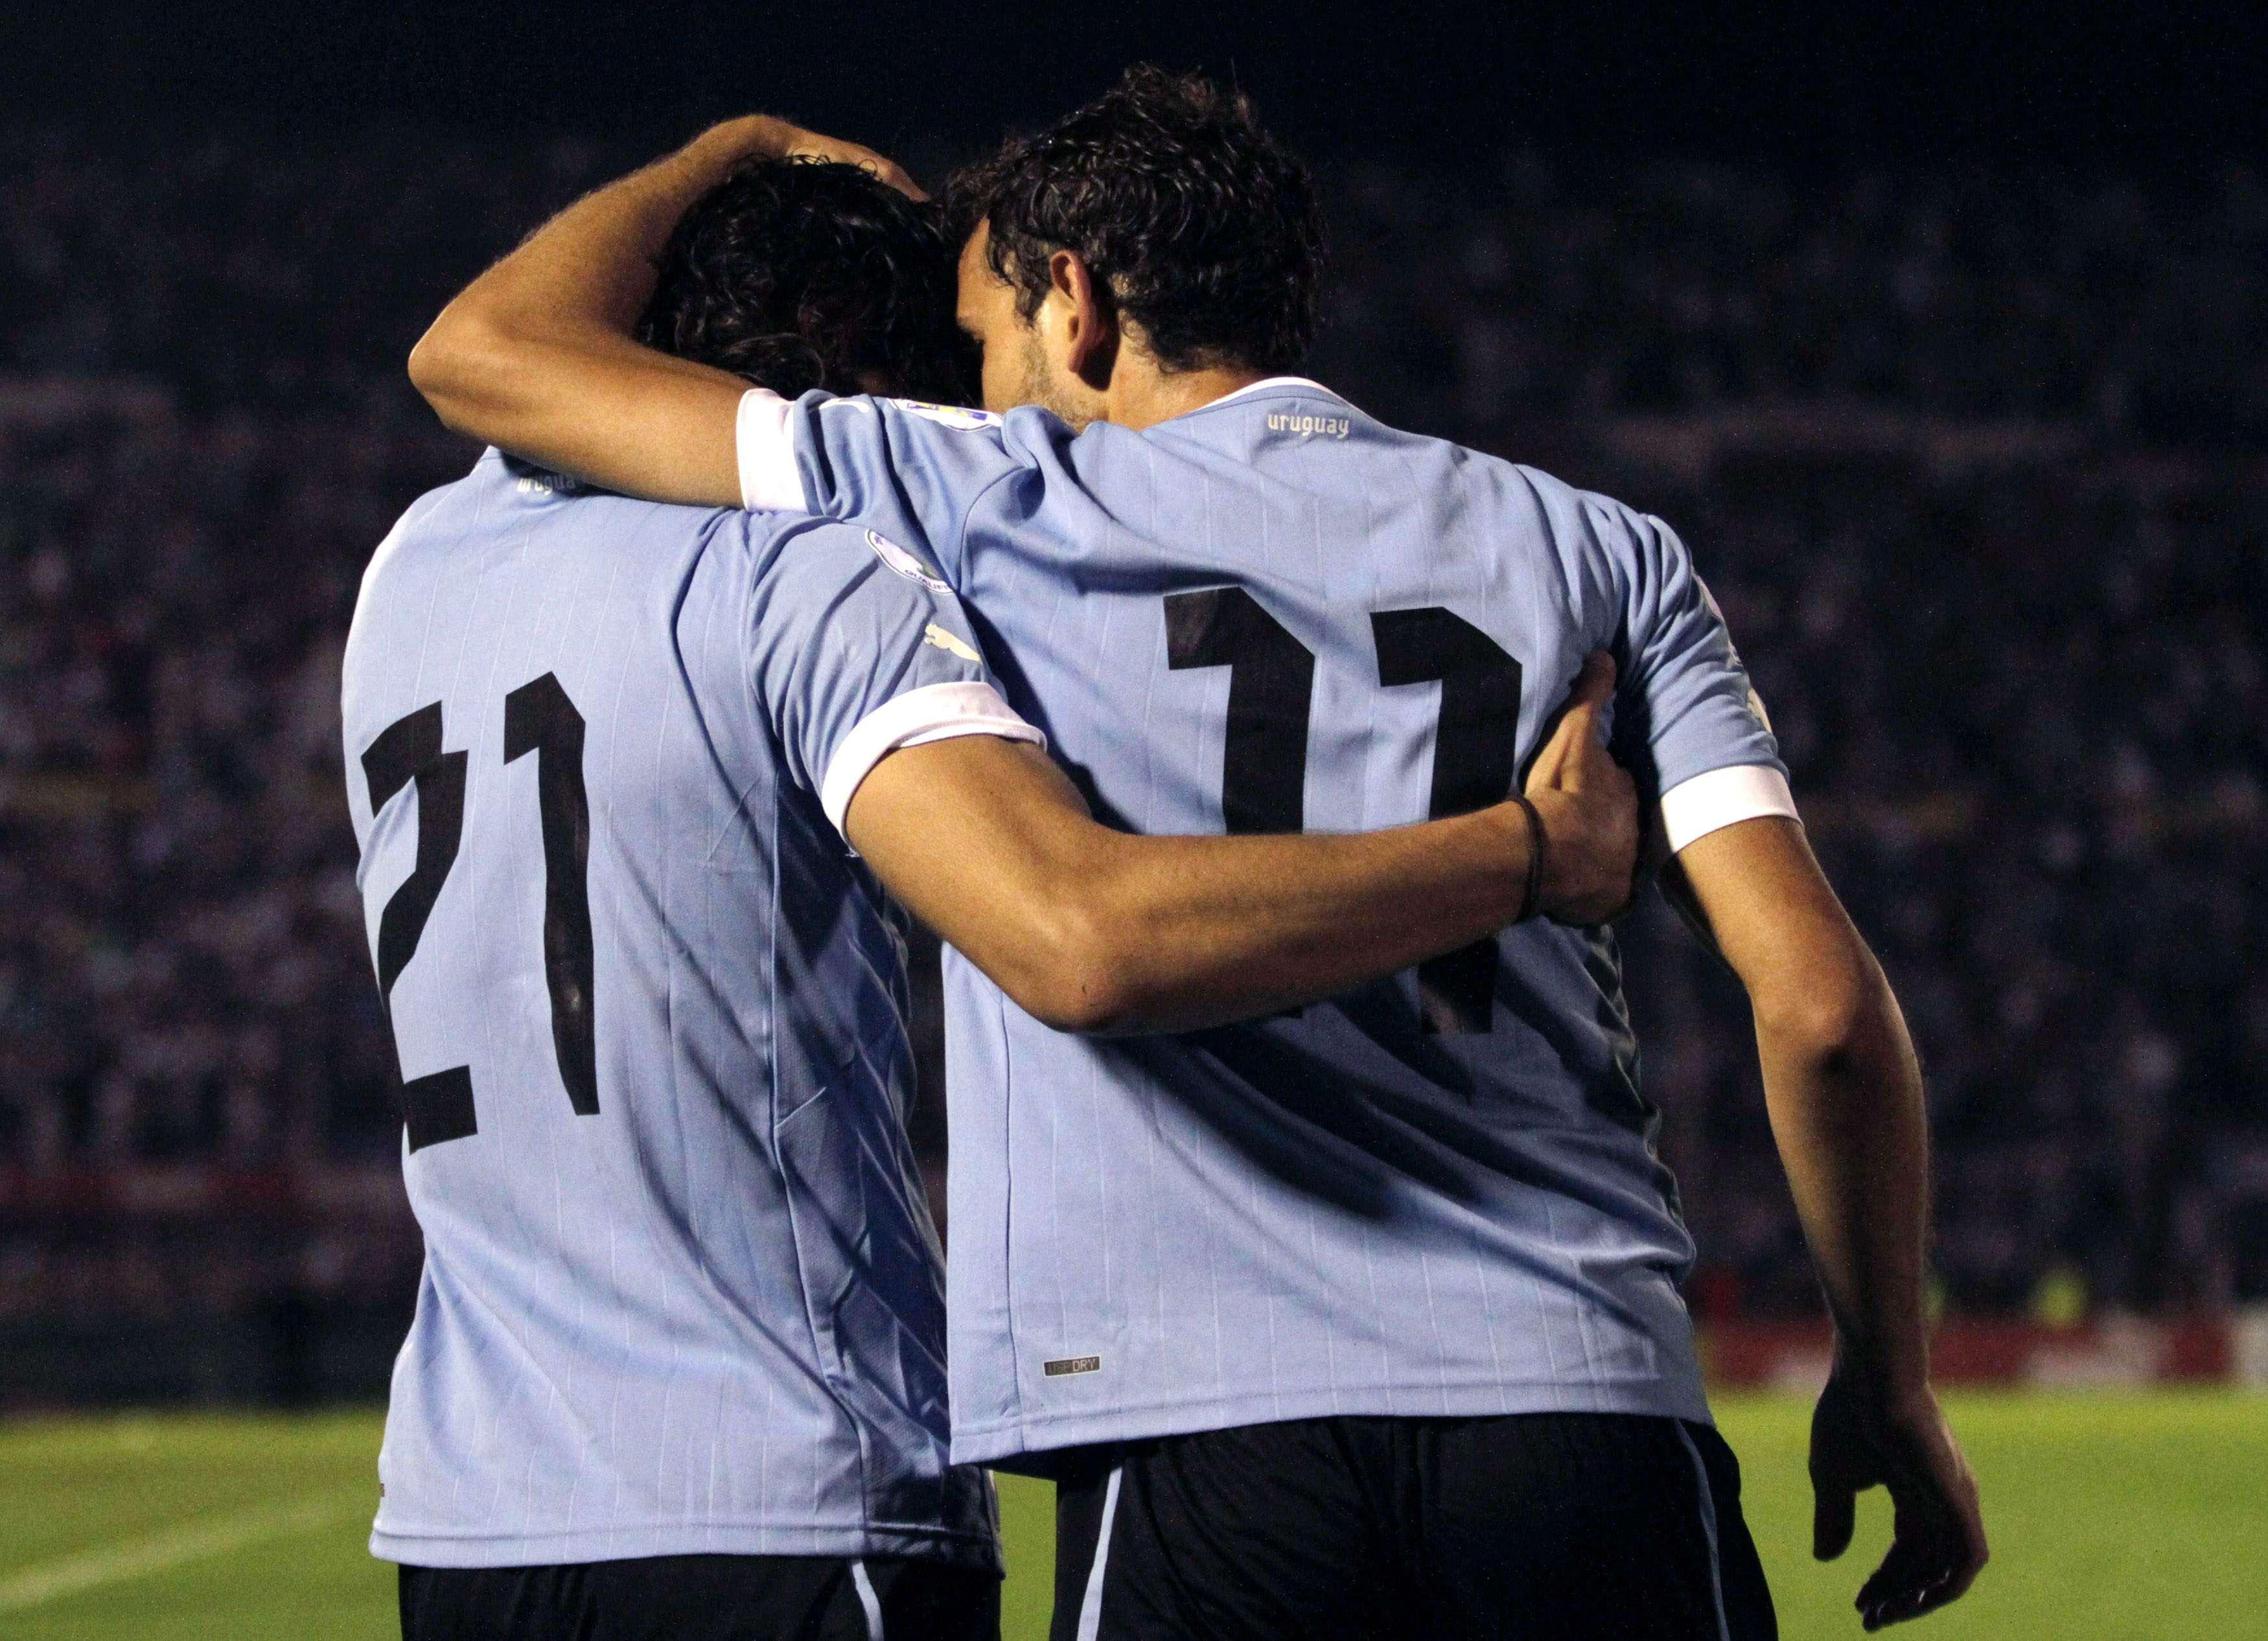 Uruguai vence Argentina, mas joga repescagem pela 4ª vez...